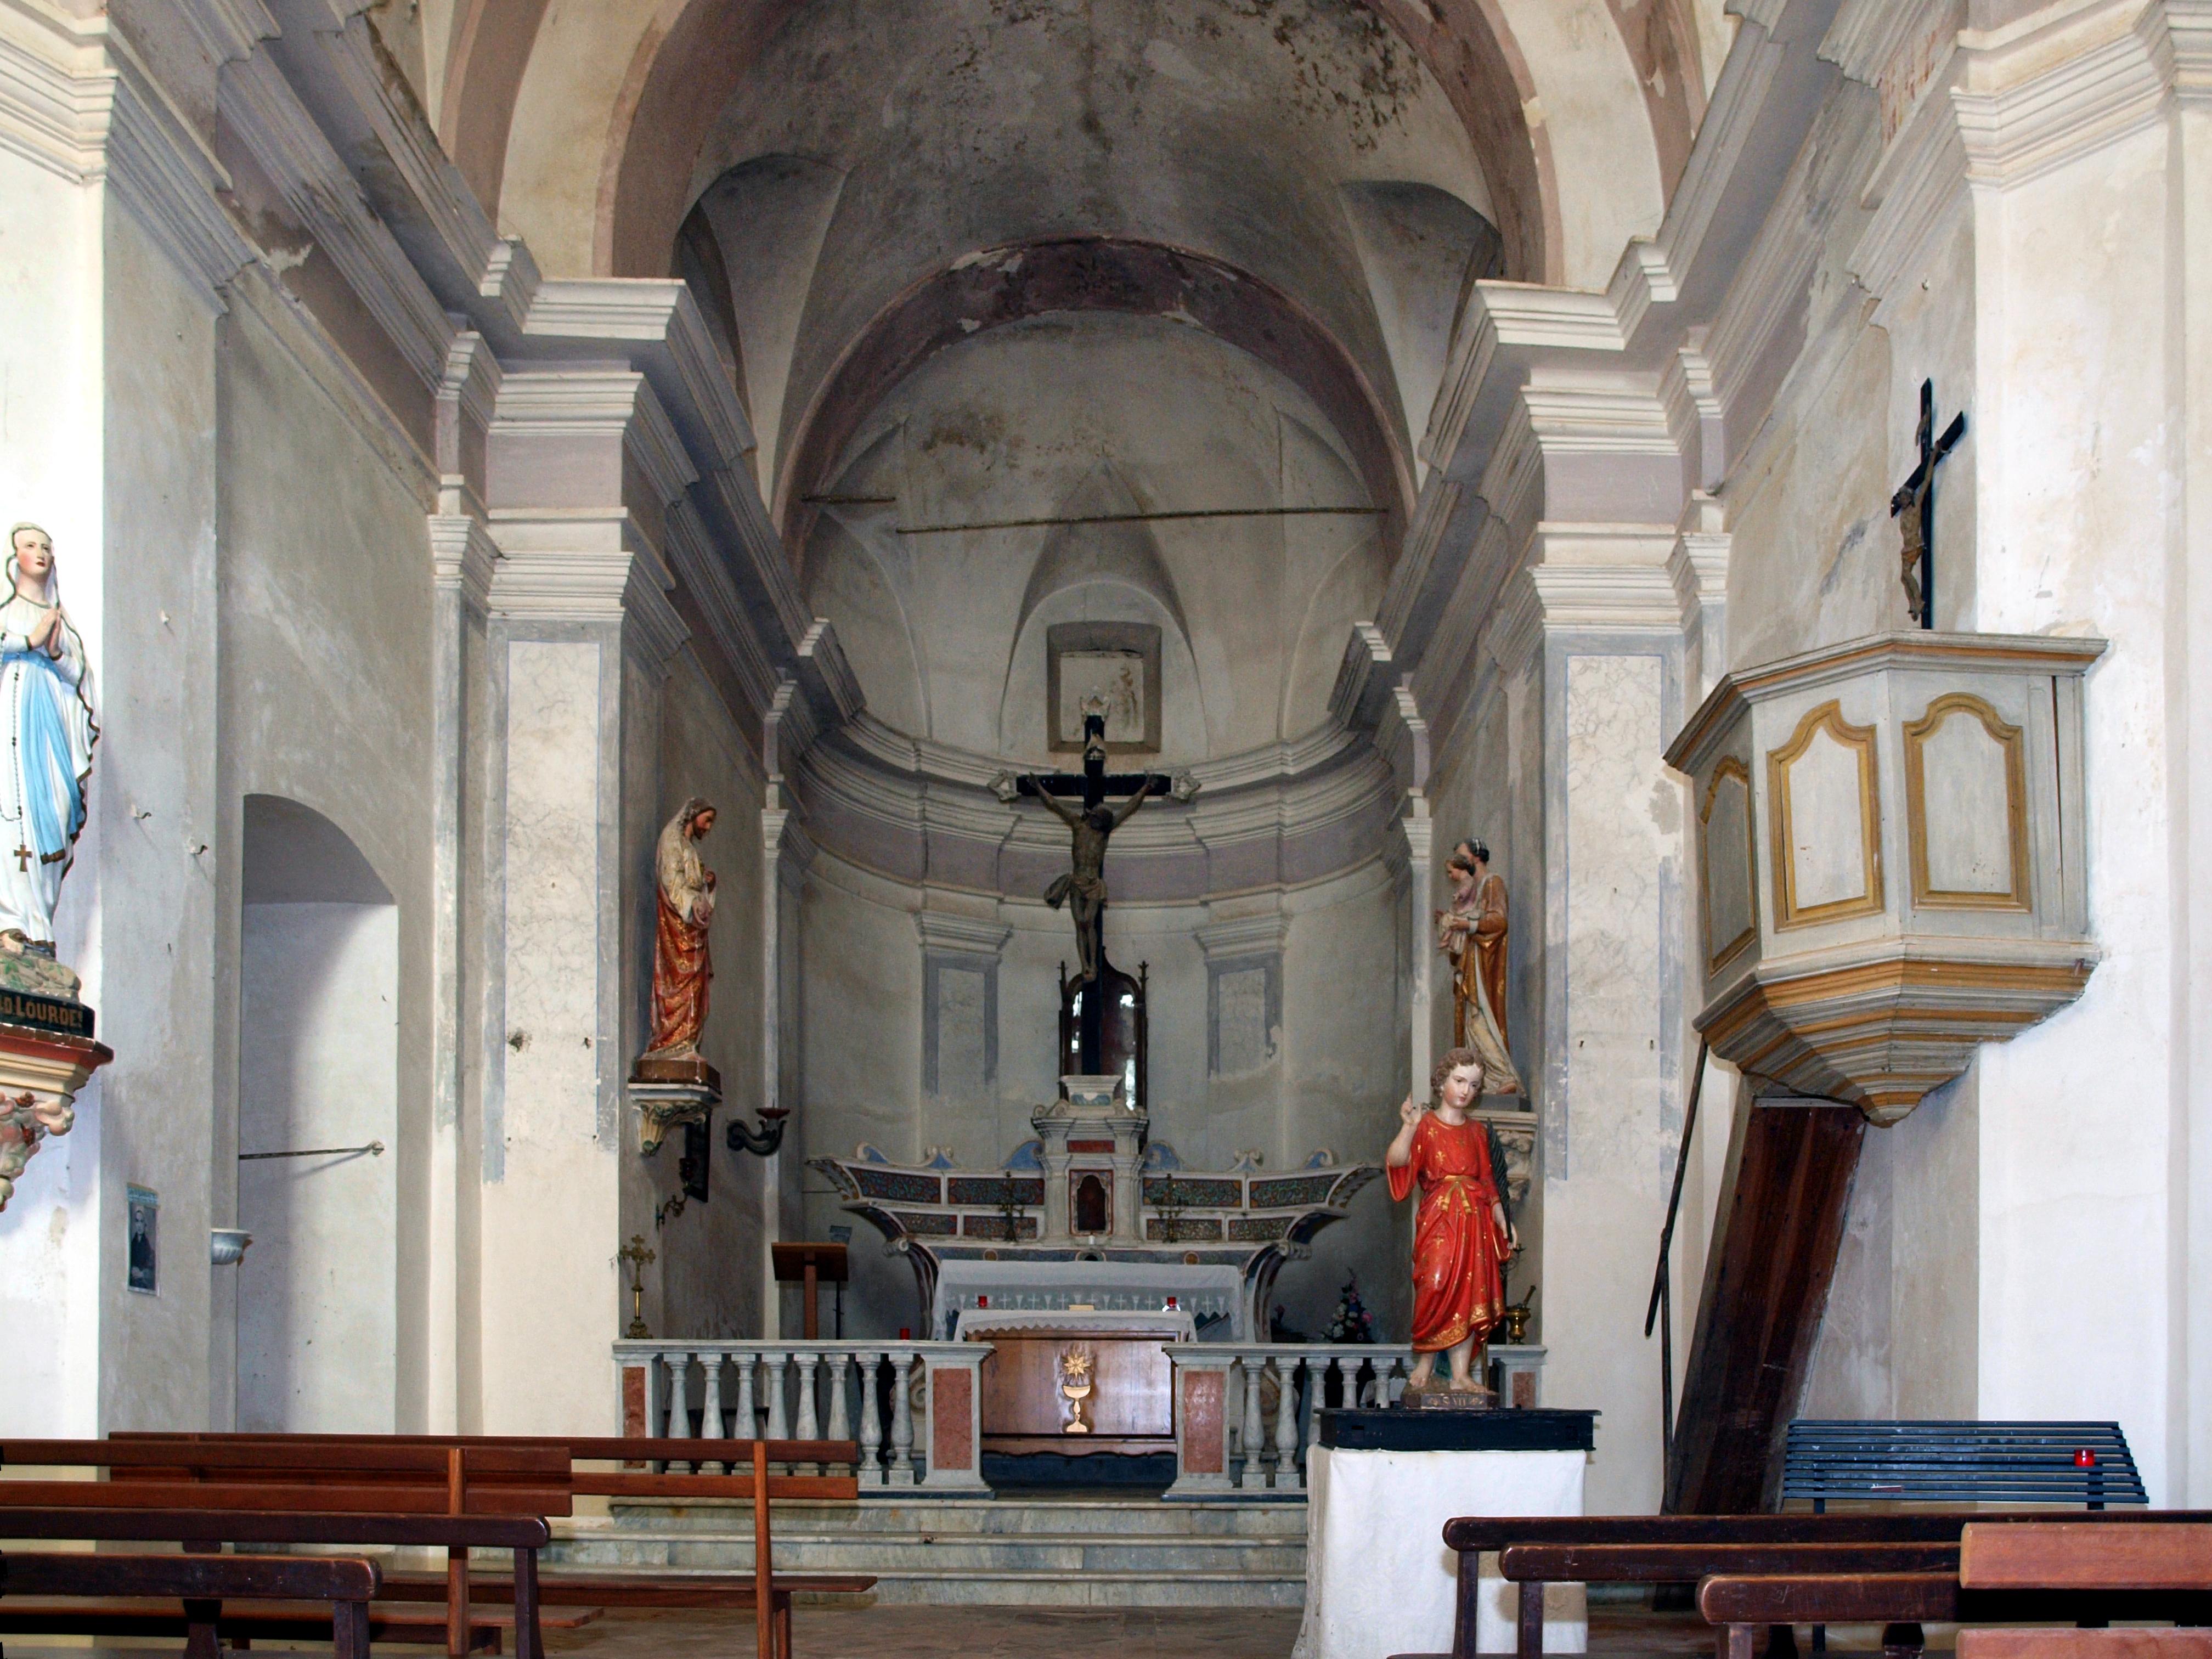 File:Lunghignano intérieur église Saint-Vitus.jpg - Wikimedia Commons